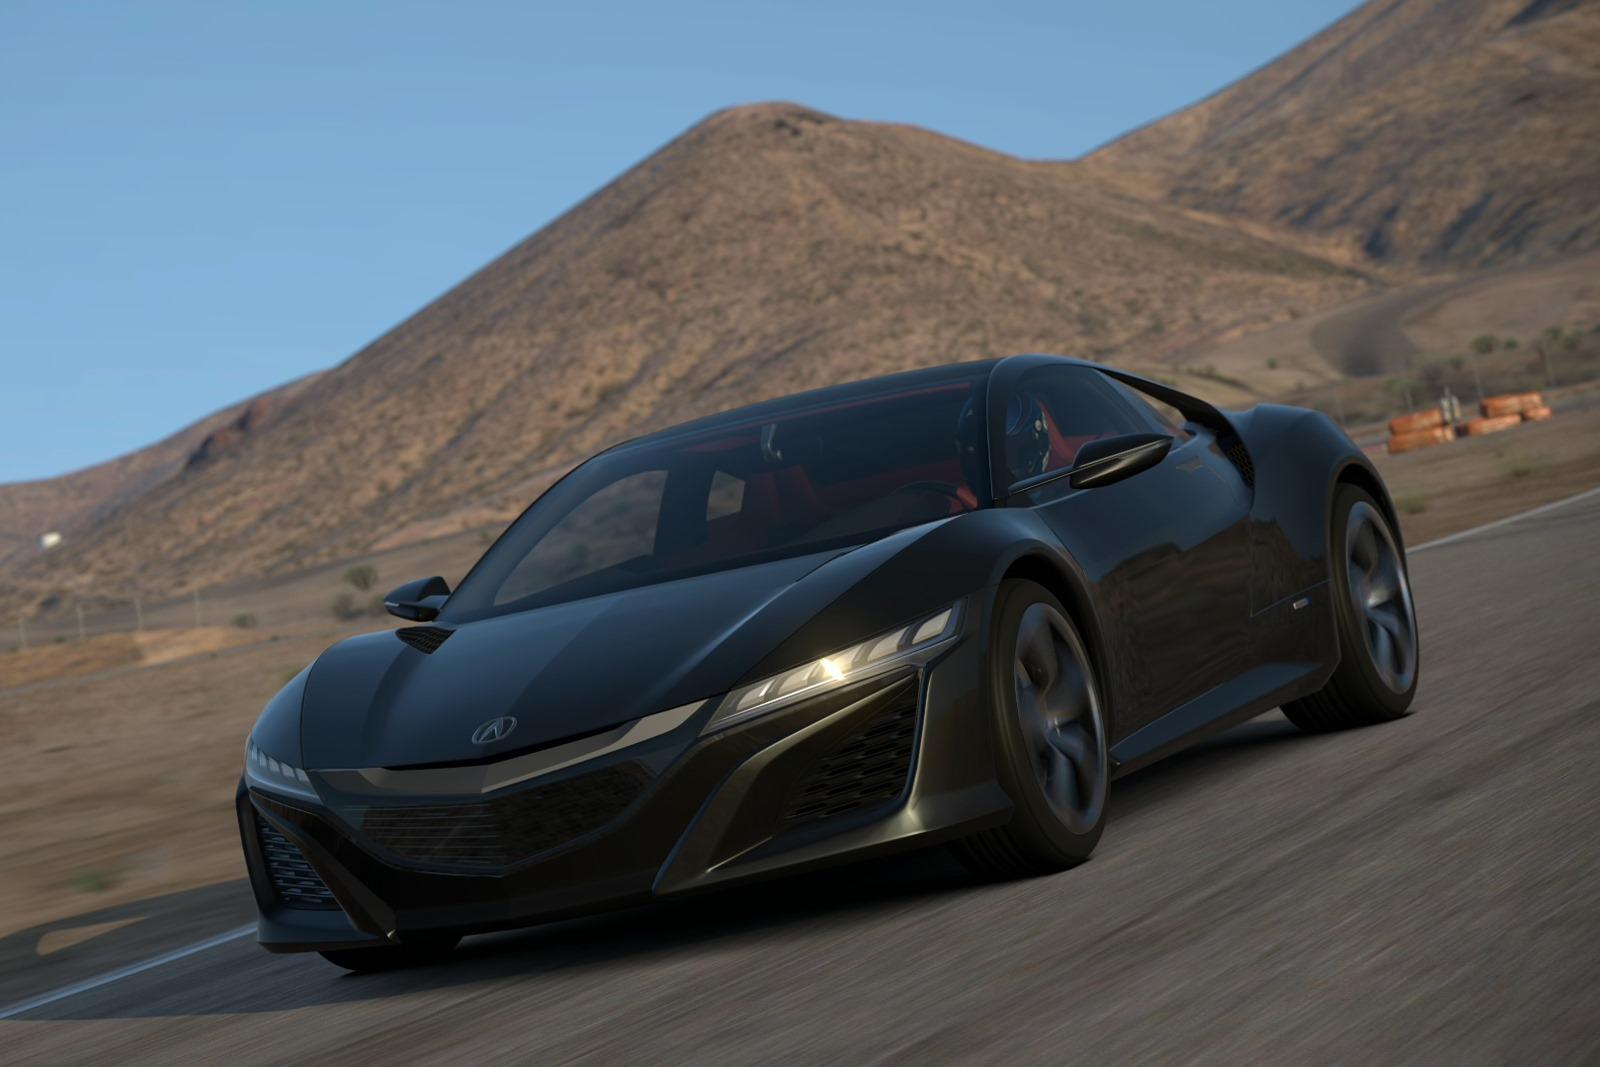 2015 Acura NSX Coming to Gran Turismo 6 - autoevolution